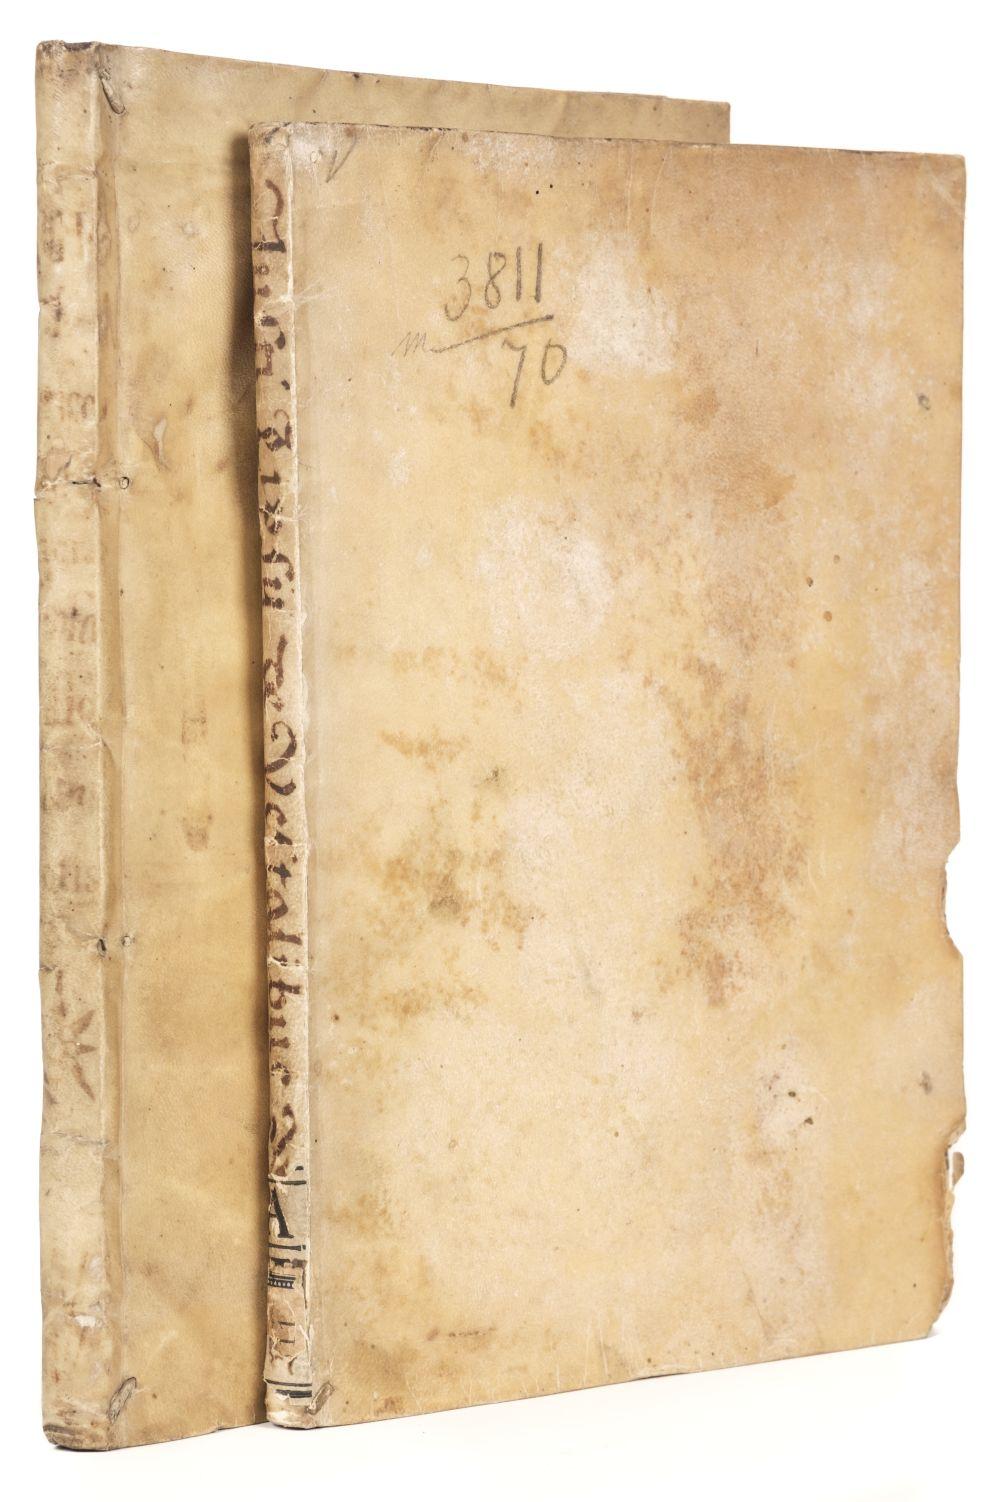 Lipsius (Justus). De cruce libri tres [and] De vesta et vestalibus, Antwerp: Plantin, 1599 & 1609